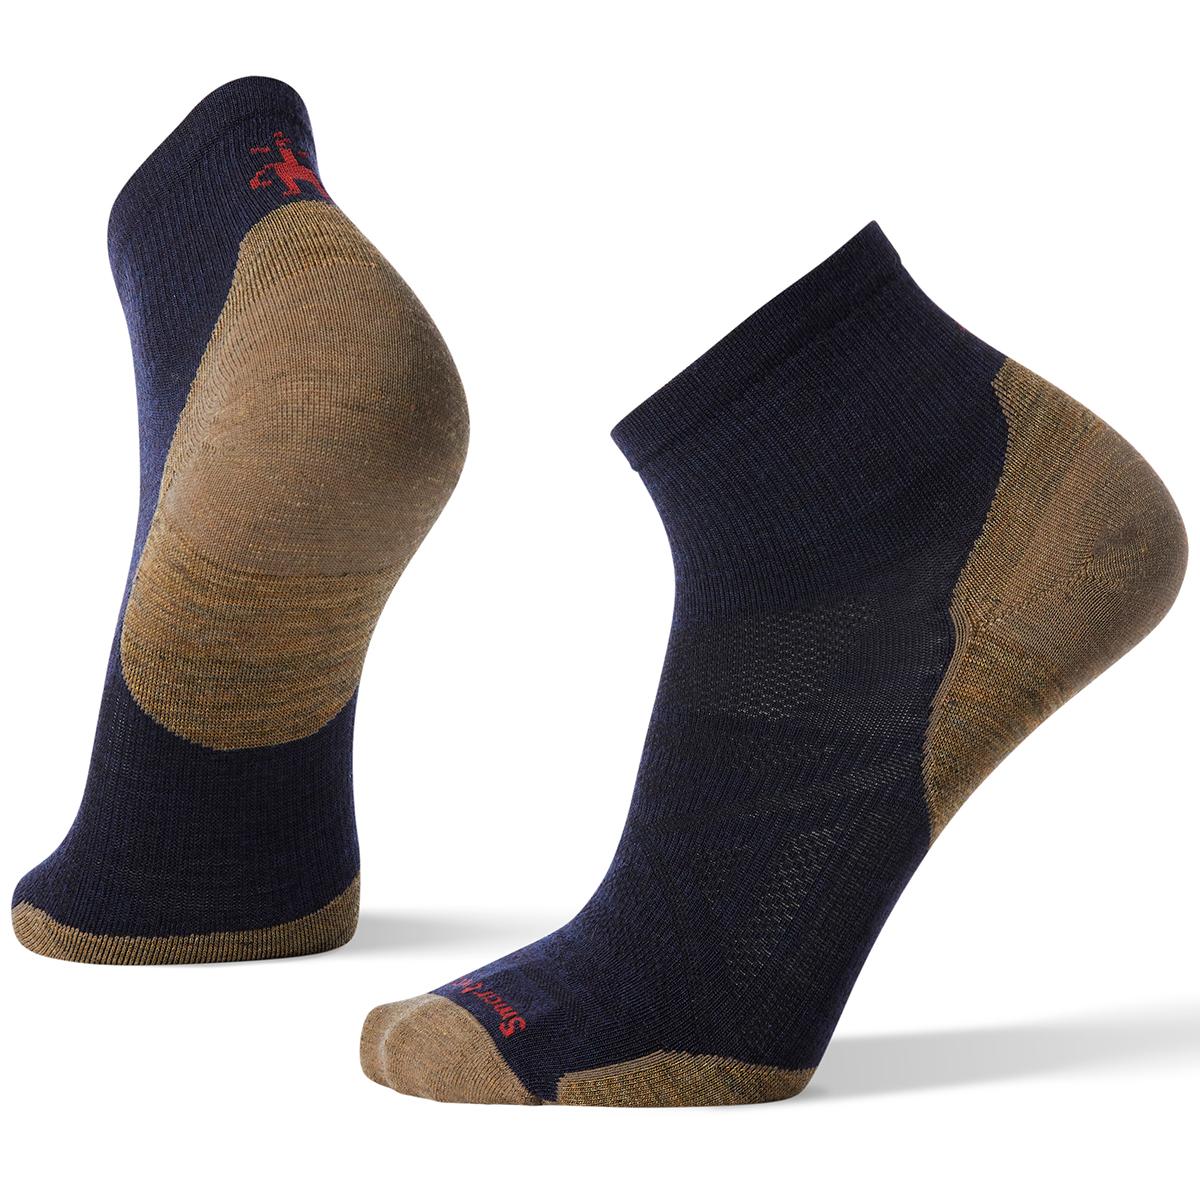 Smartwool Men's Phd Outdoor Ultra Light Mini Hiking Socks - Blue, L